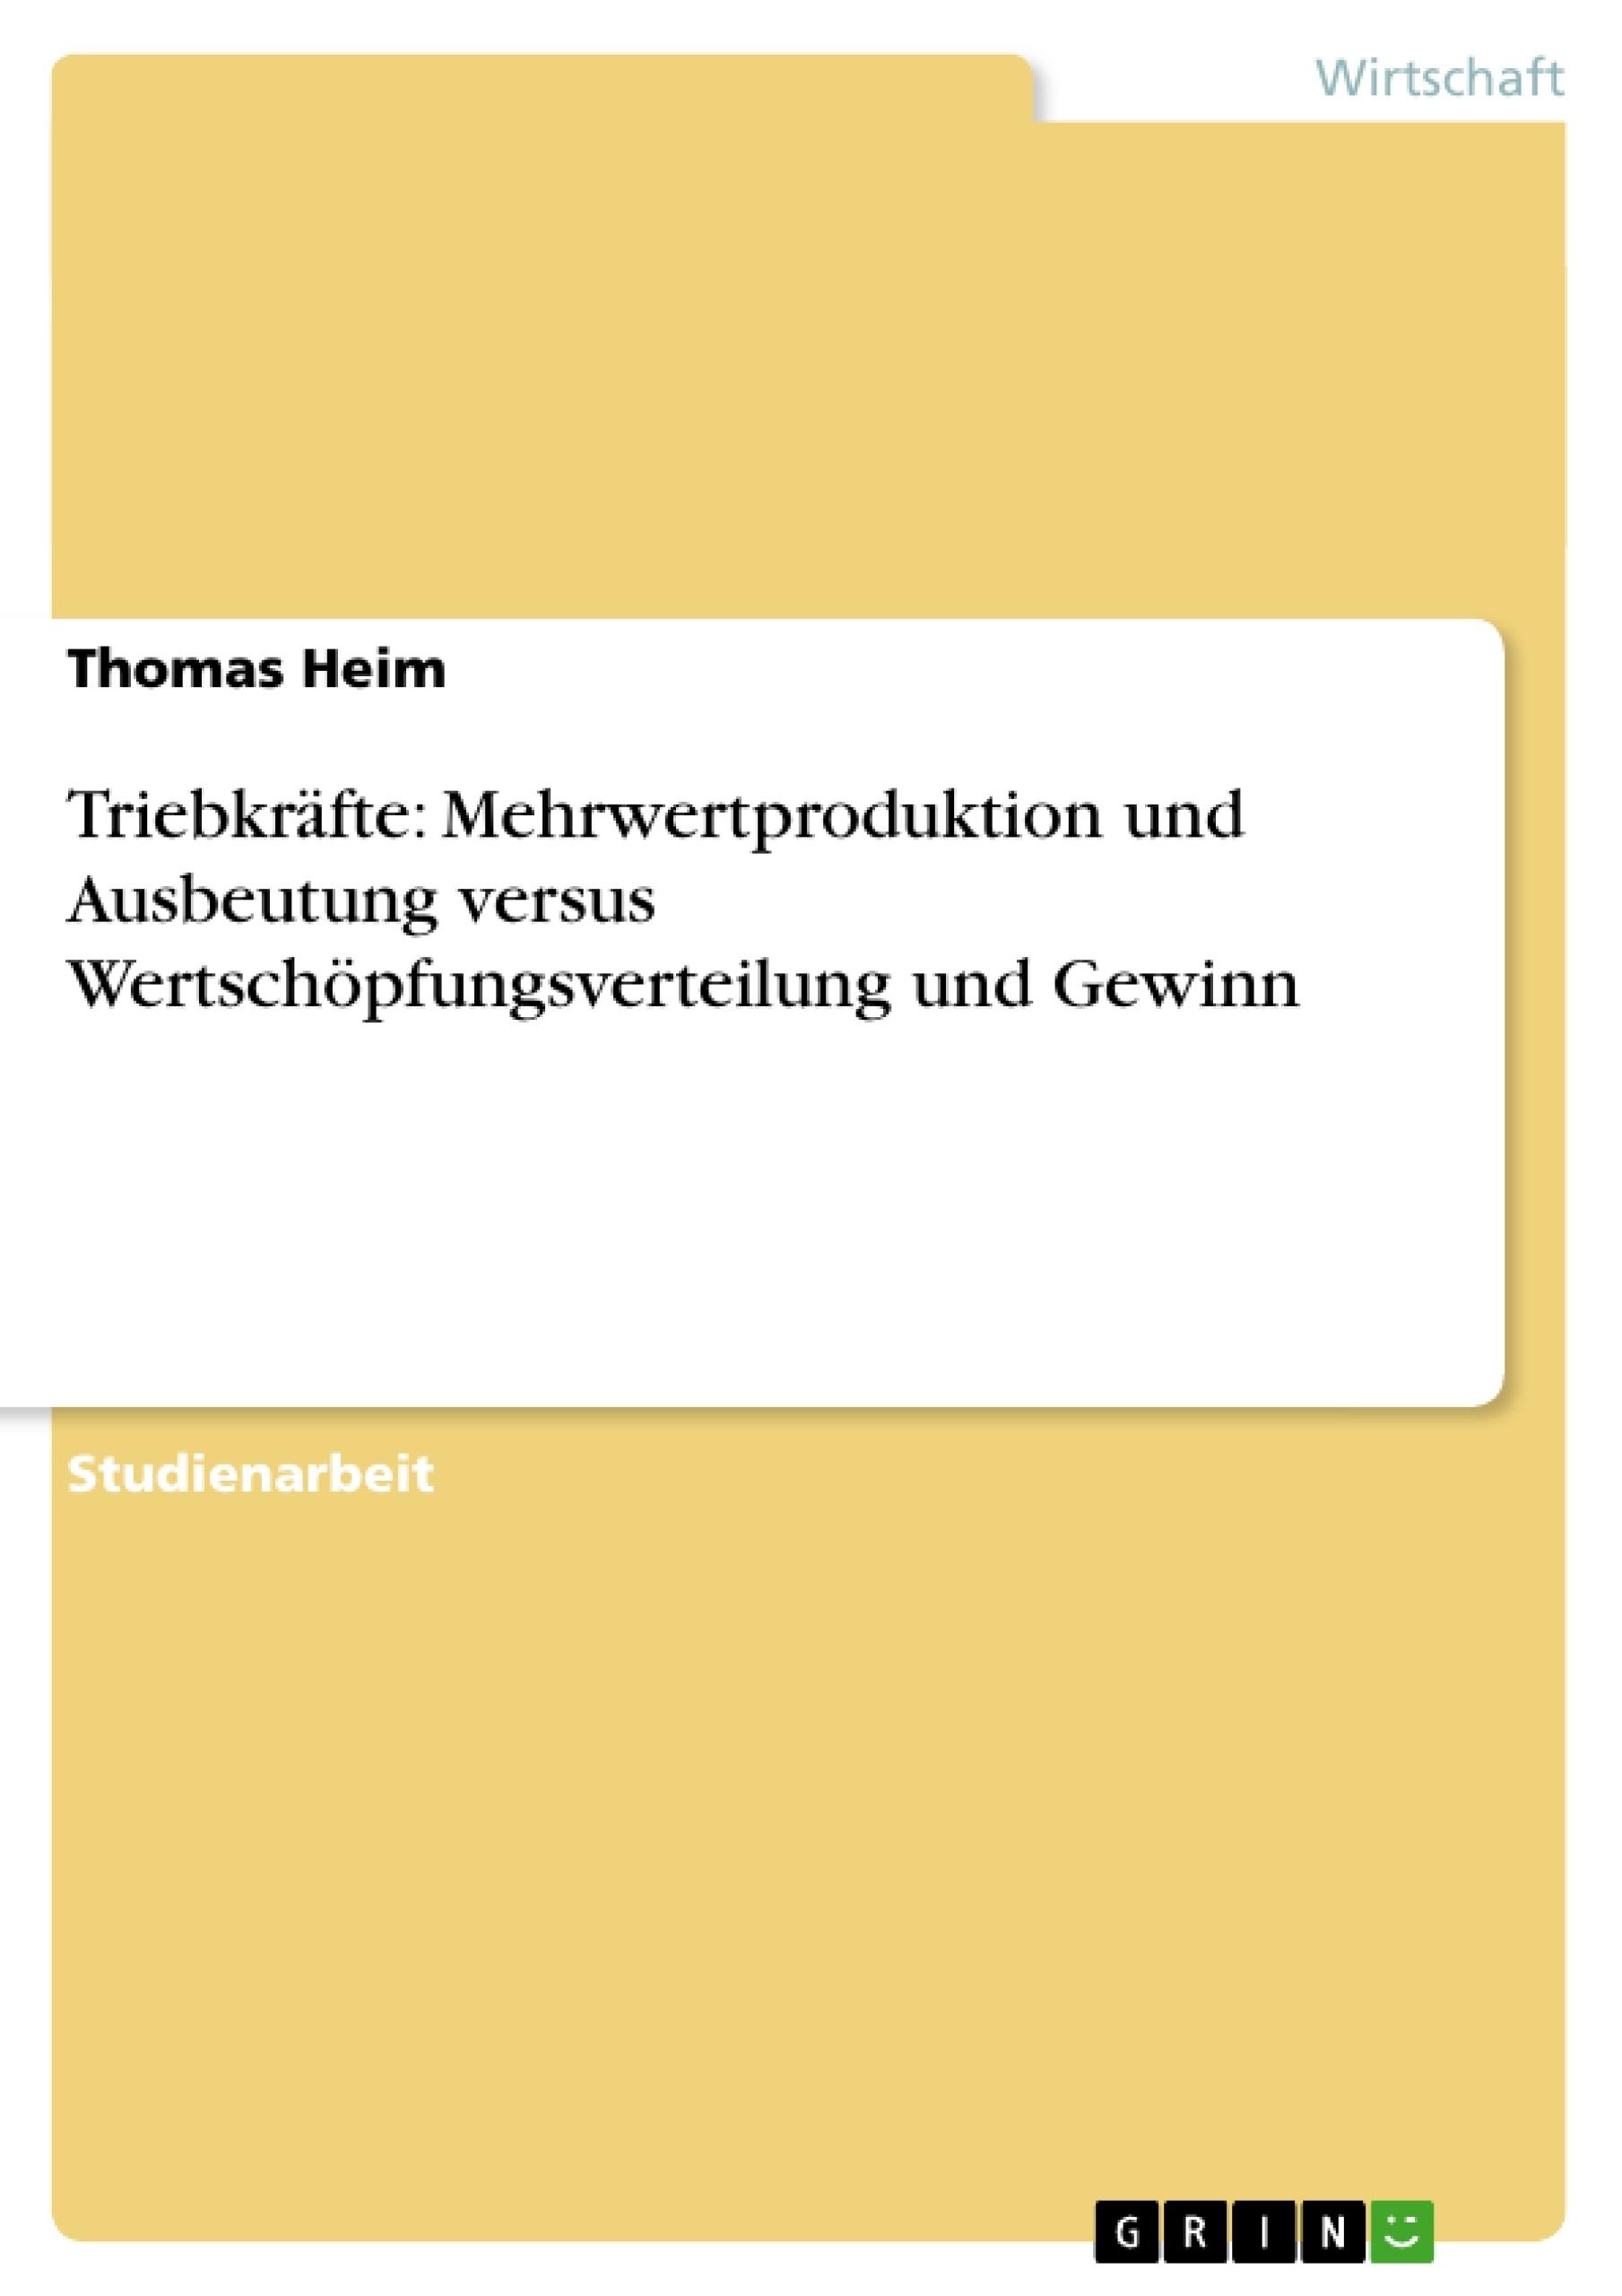 Titel: Triebkräfte: Mehrwertproduktion und Ausbeutung versus Wertschöpfungsverteilung und Gewinn